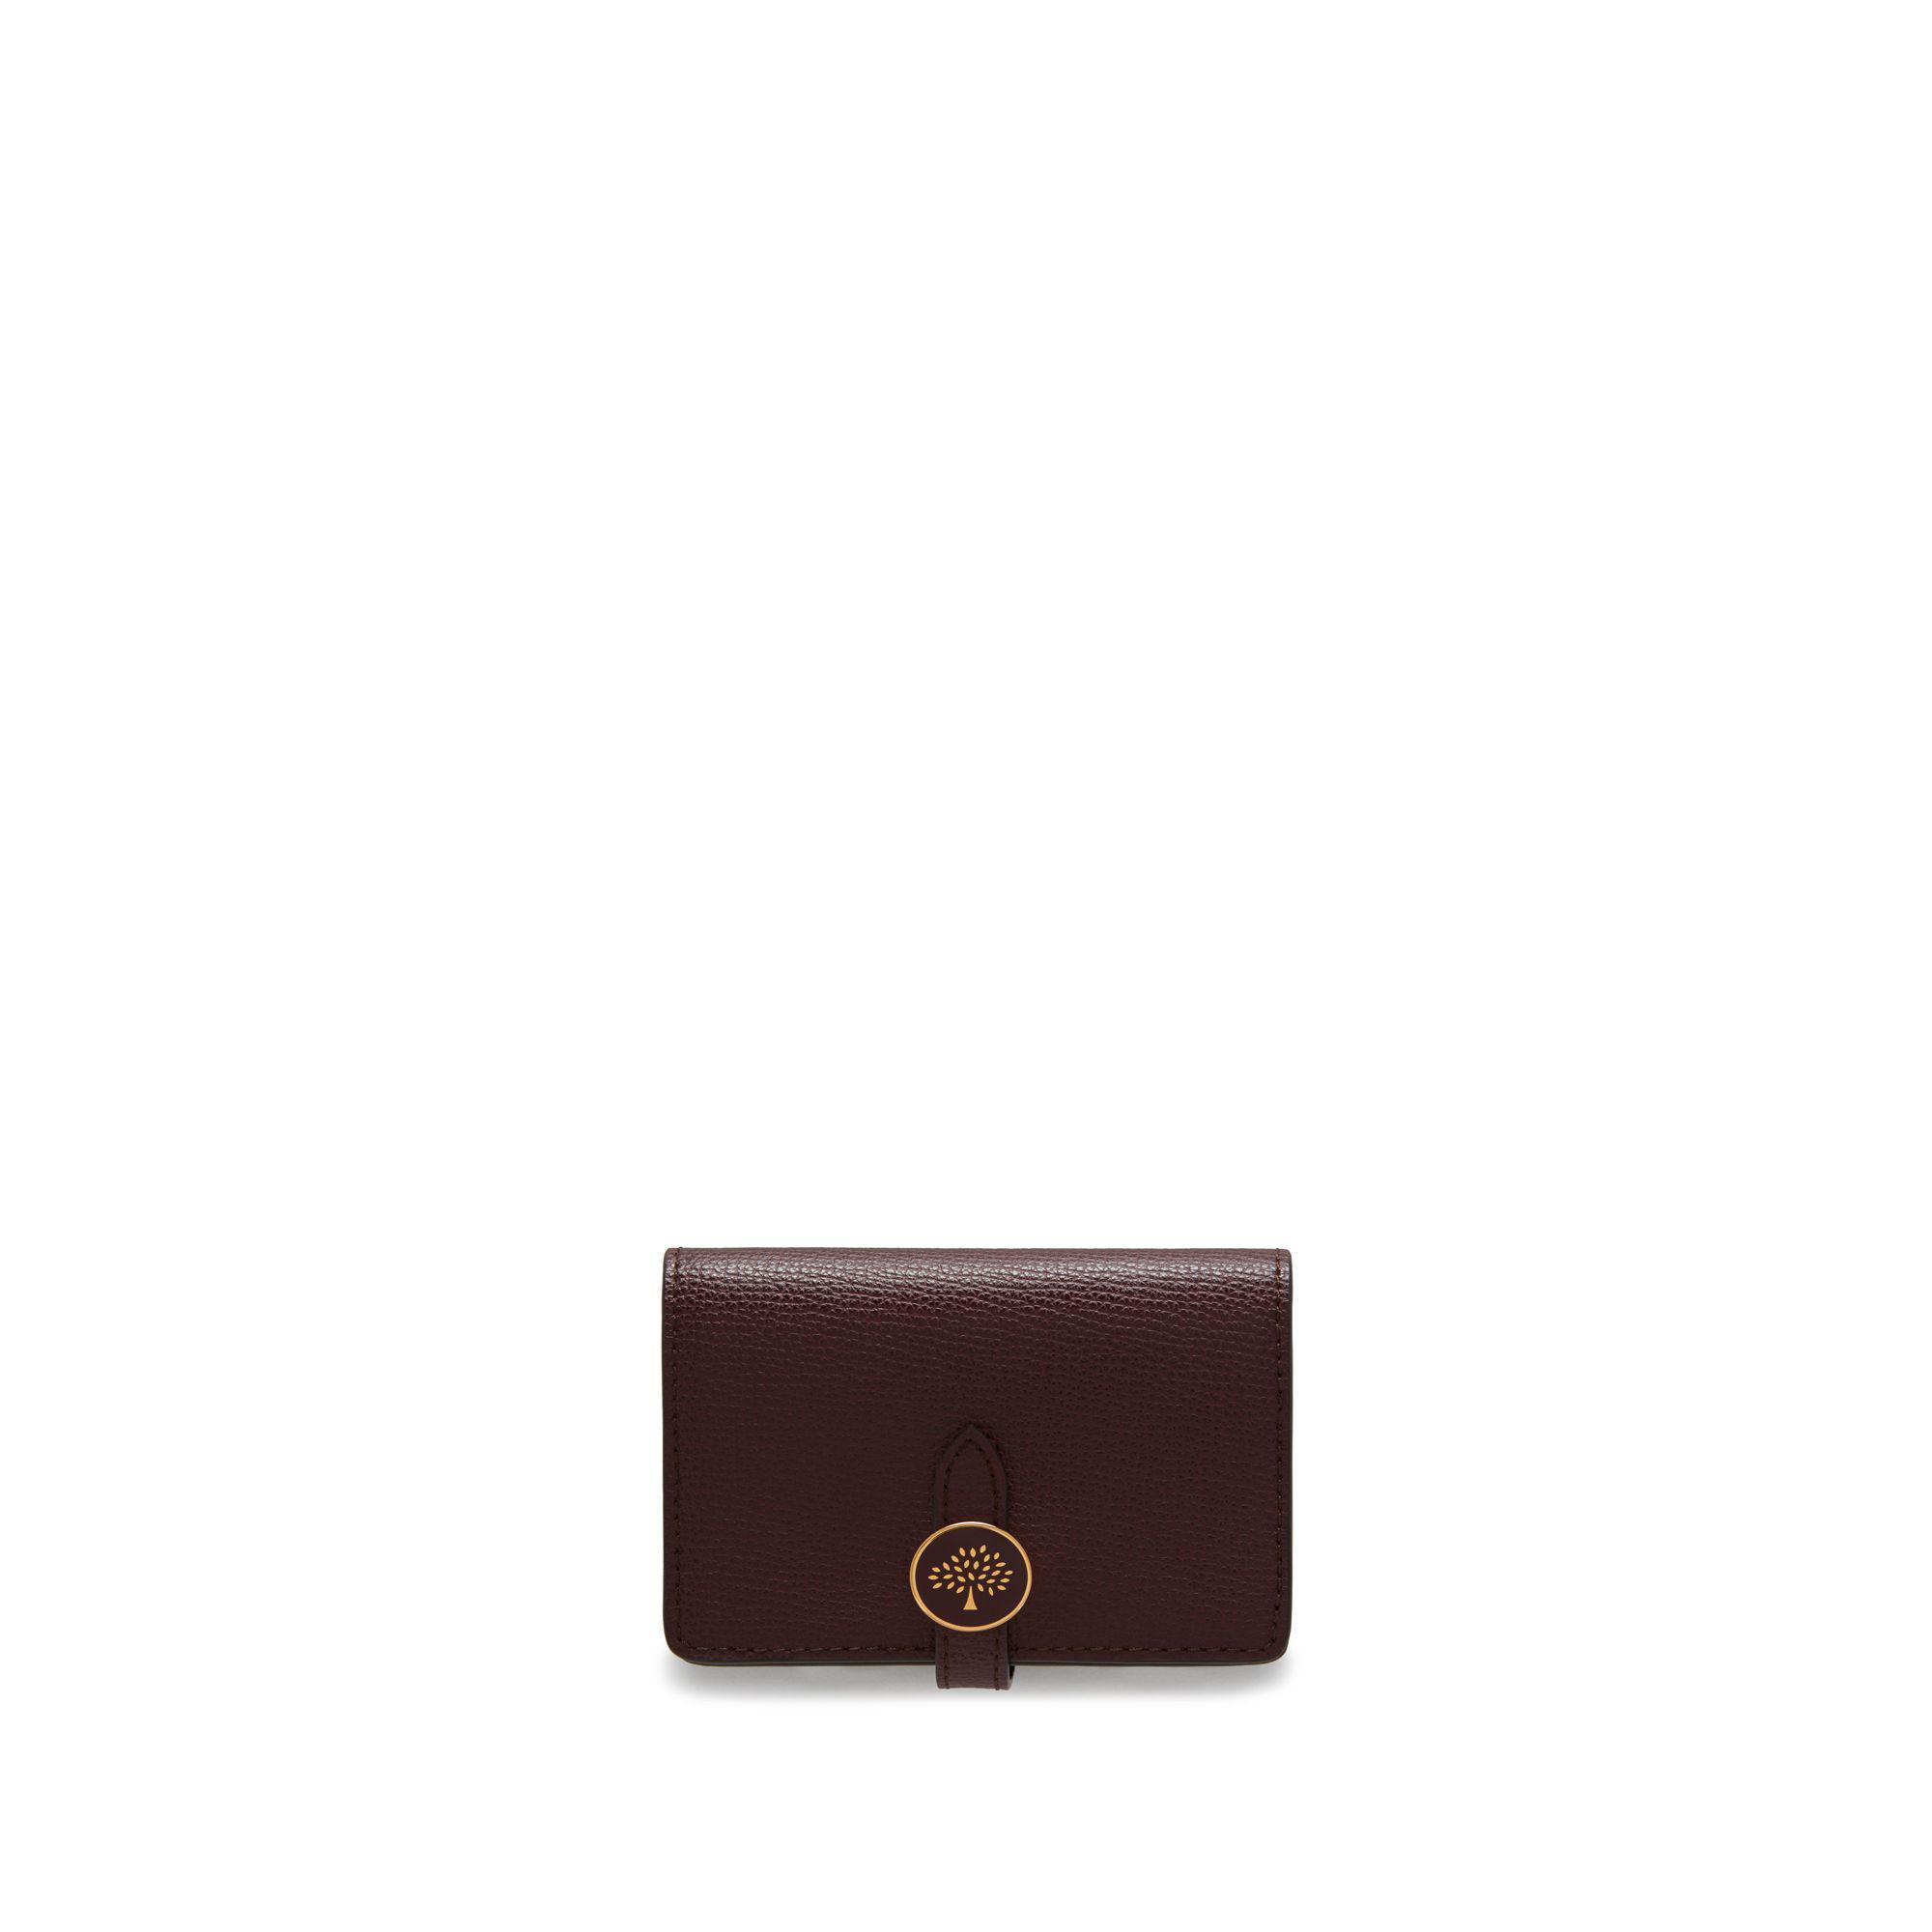 81fff94a6242 Mulberry Tree Card Holder Wallet In Oxblood Cross Grain Leather in ...